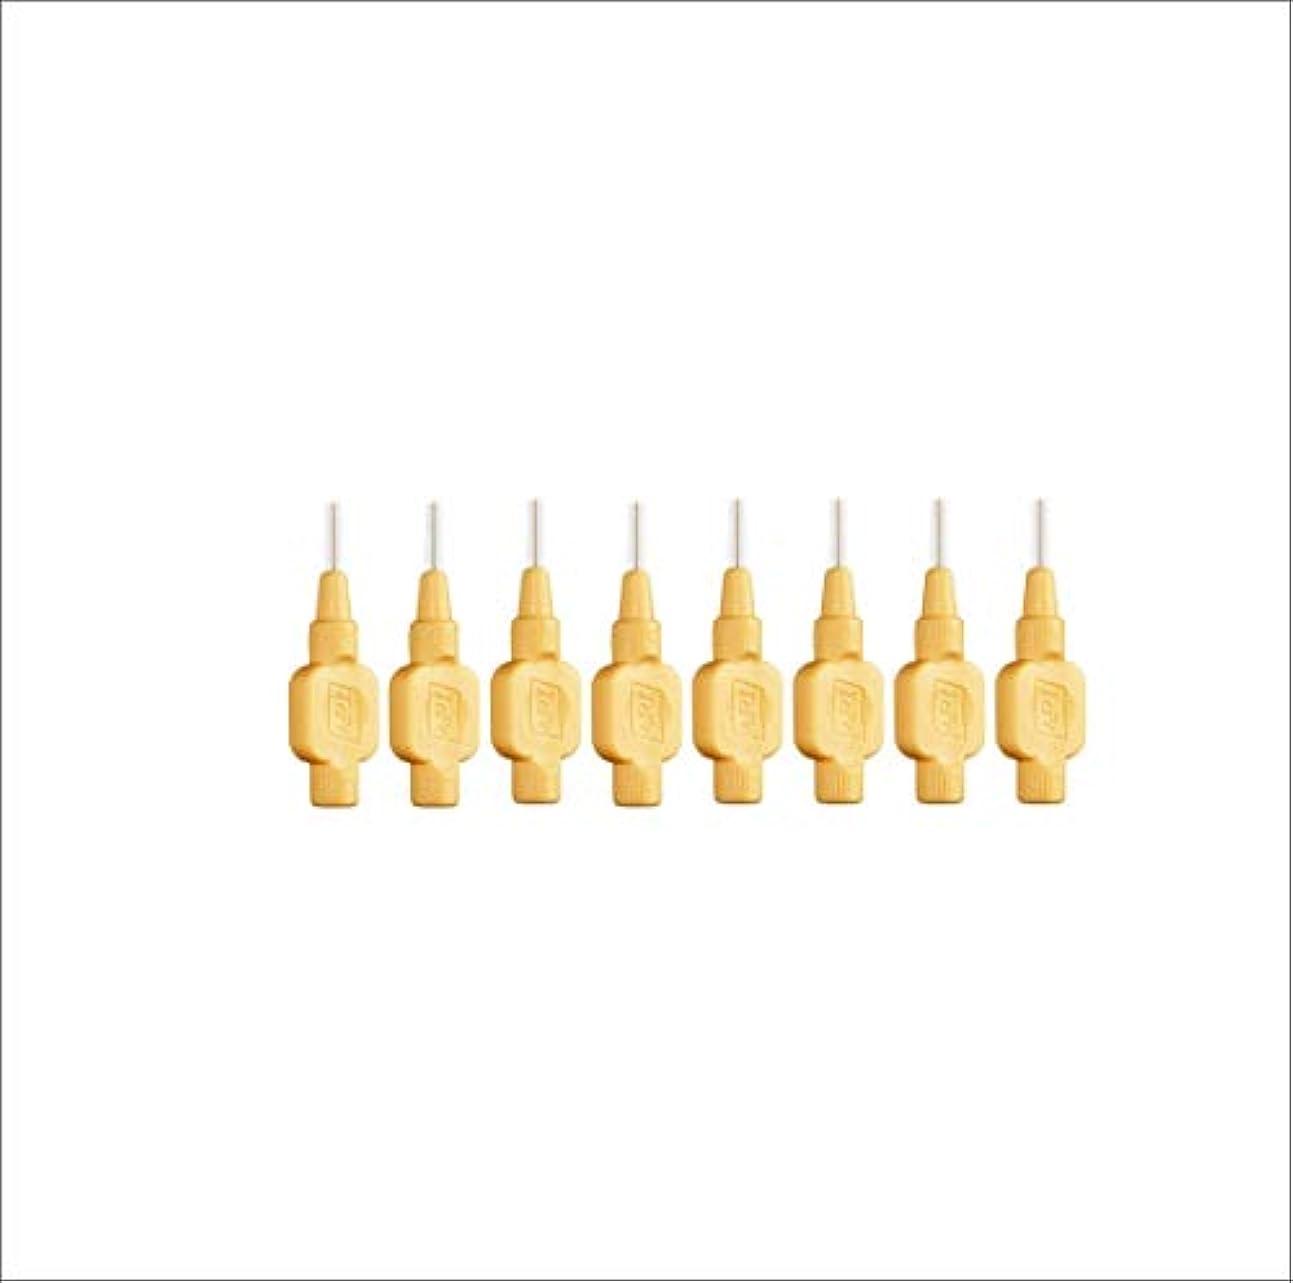 電化する期待設置クロスフィールド テペ エクストラソフト 歯間ブラシ 8本入 オレンジ 0.45mm